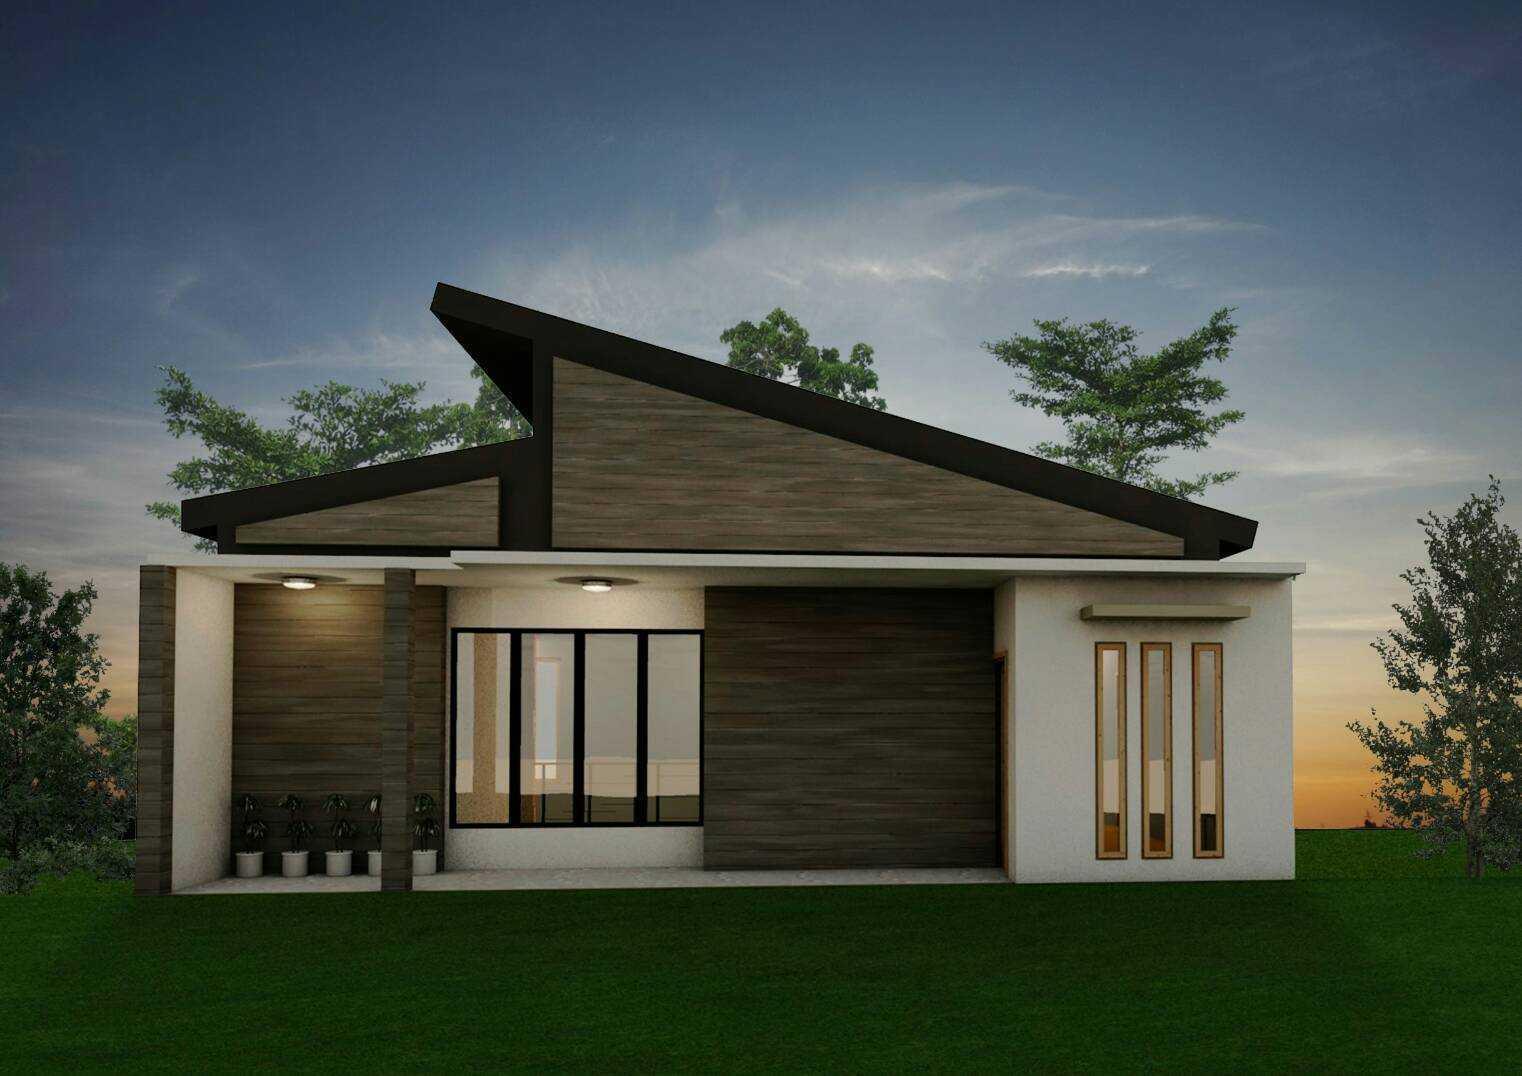 Ansitama Architecture Studio Rumah Hunian Bapak Hijri Jambi, Kota Jambi, Jambi, Indonesia Jambi, Kota Jambi, Jambi, Indonesia Ansitama-Architetcture-Studio-Rumah-Hunian-Bapak-Hijri   56250